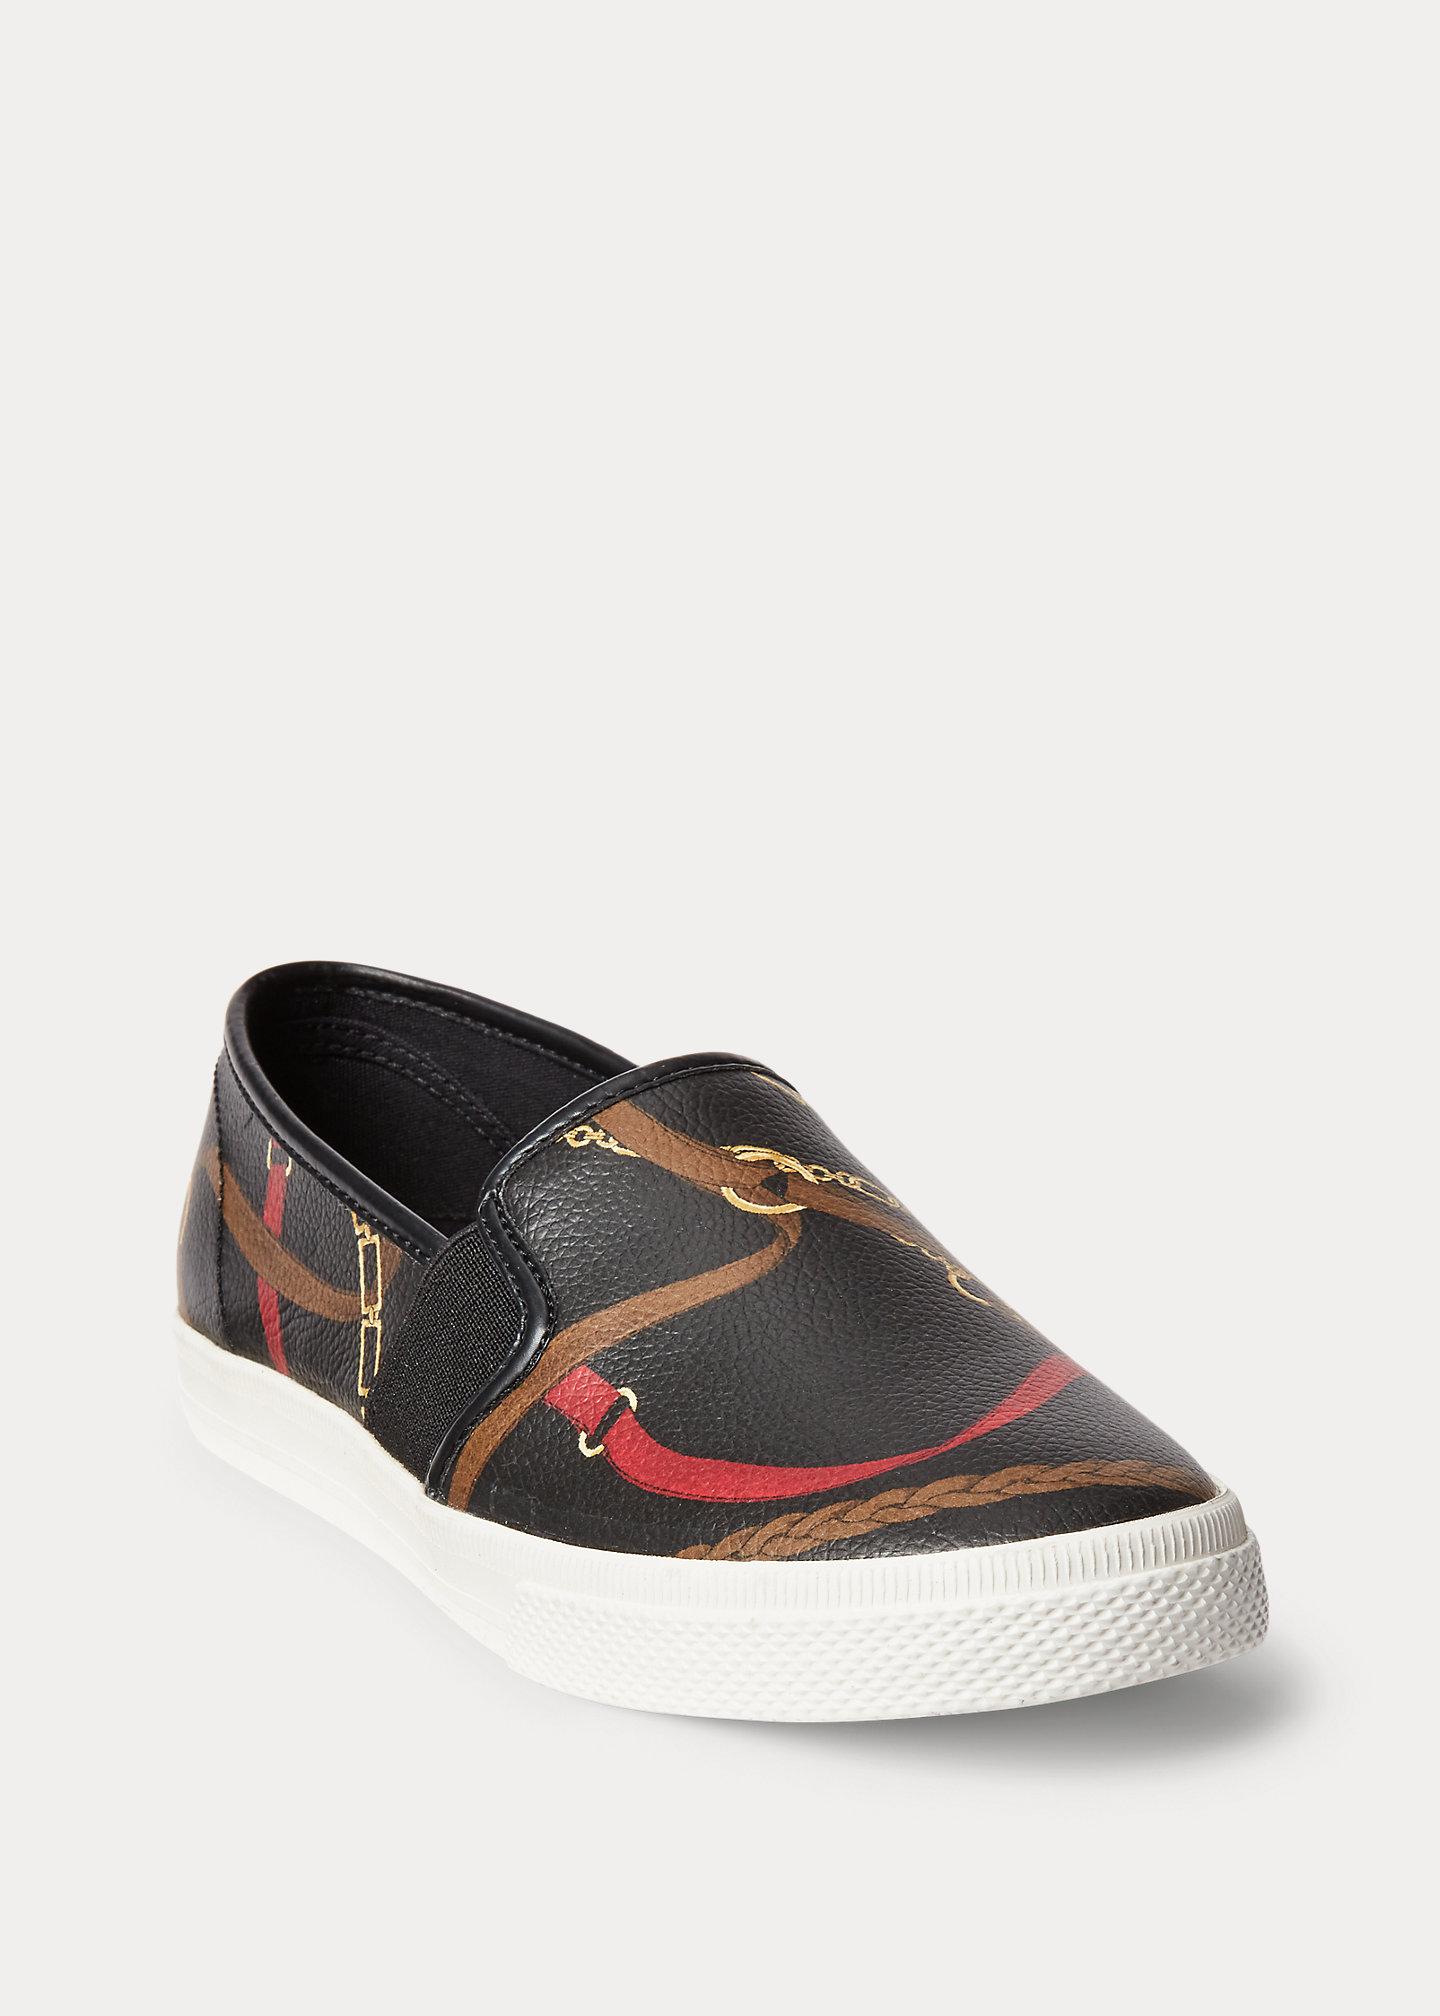 Lauren Jinny Faux-Leather Sneaker 2